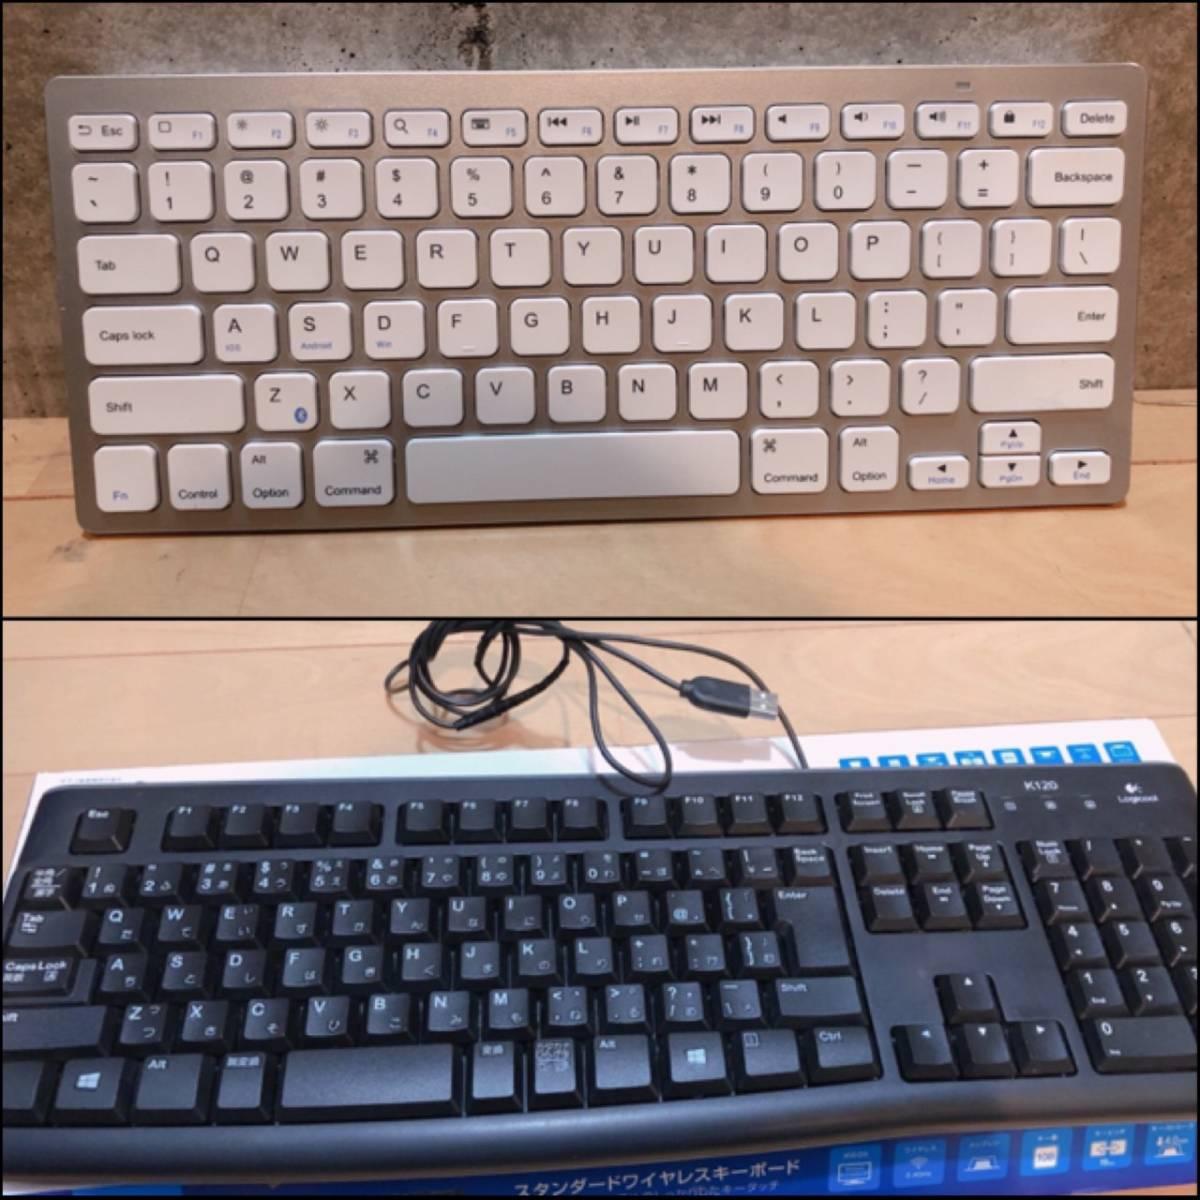 Logicool ロジクール K120 USB接続 キーボード 薄型 耐水 静音設計 テンキー&Anker ウルトラスリム Bluetooth ワイヤレスキーボード_画像1